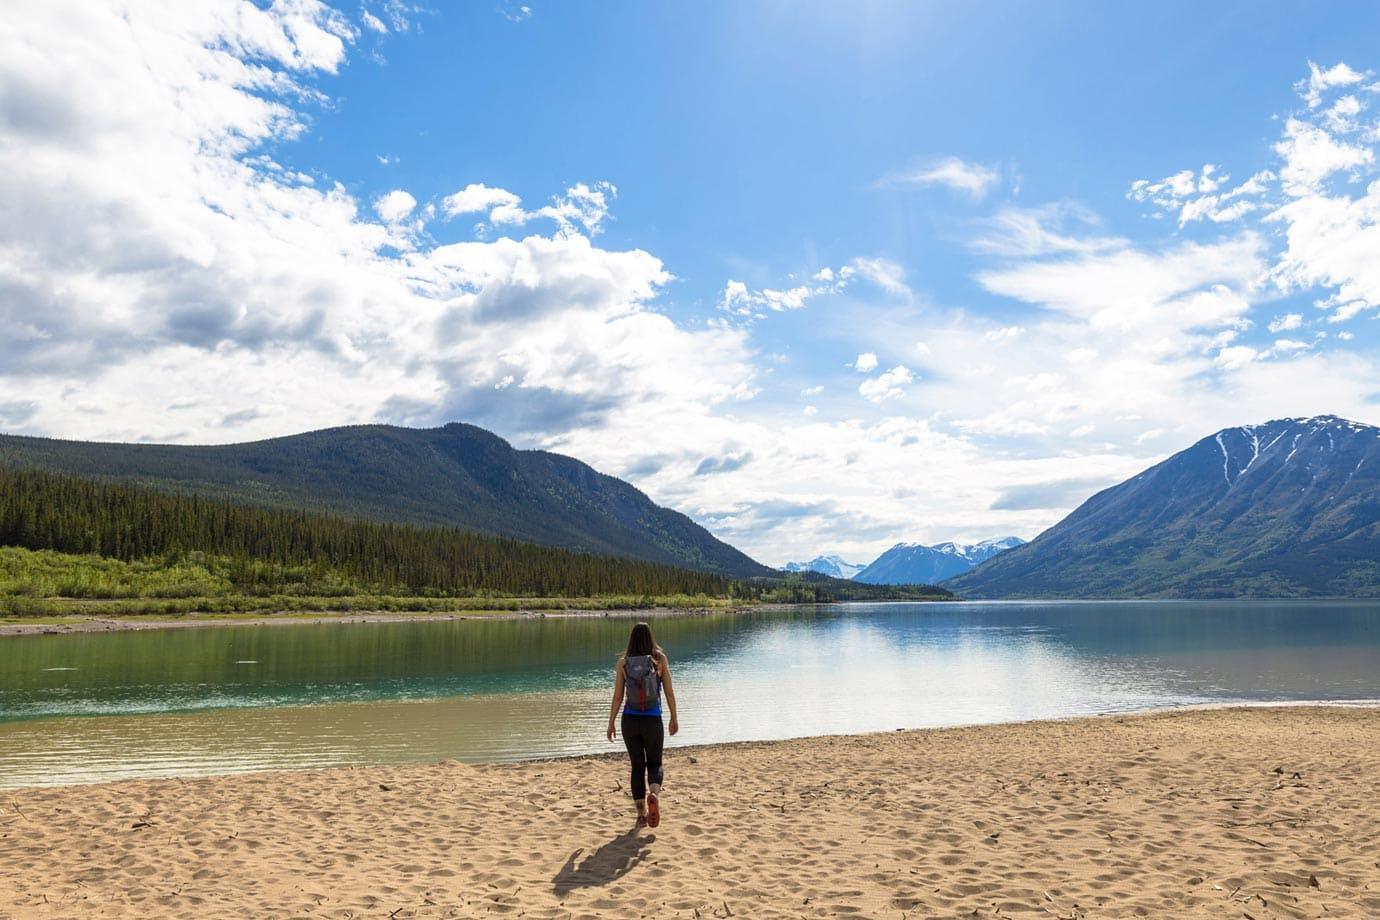 Beaches in the Yukon